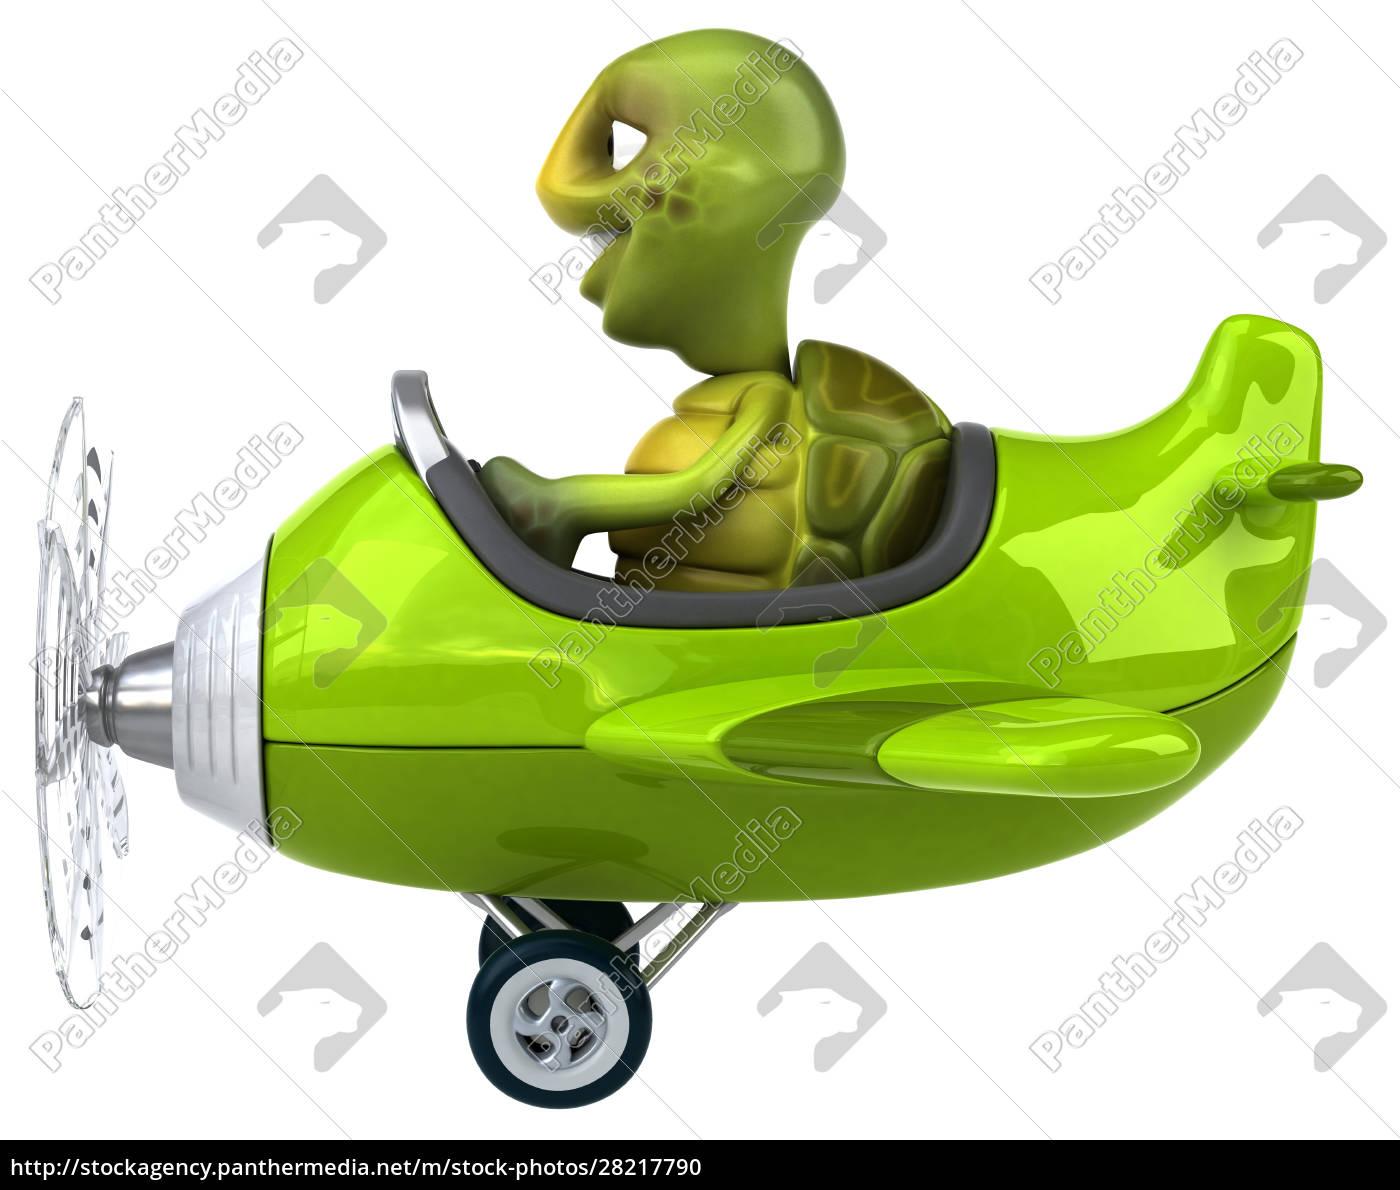 fun, turtle - 28217790